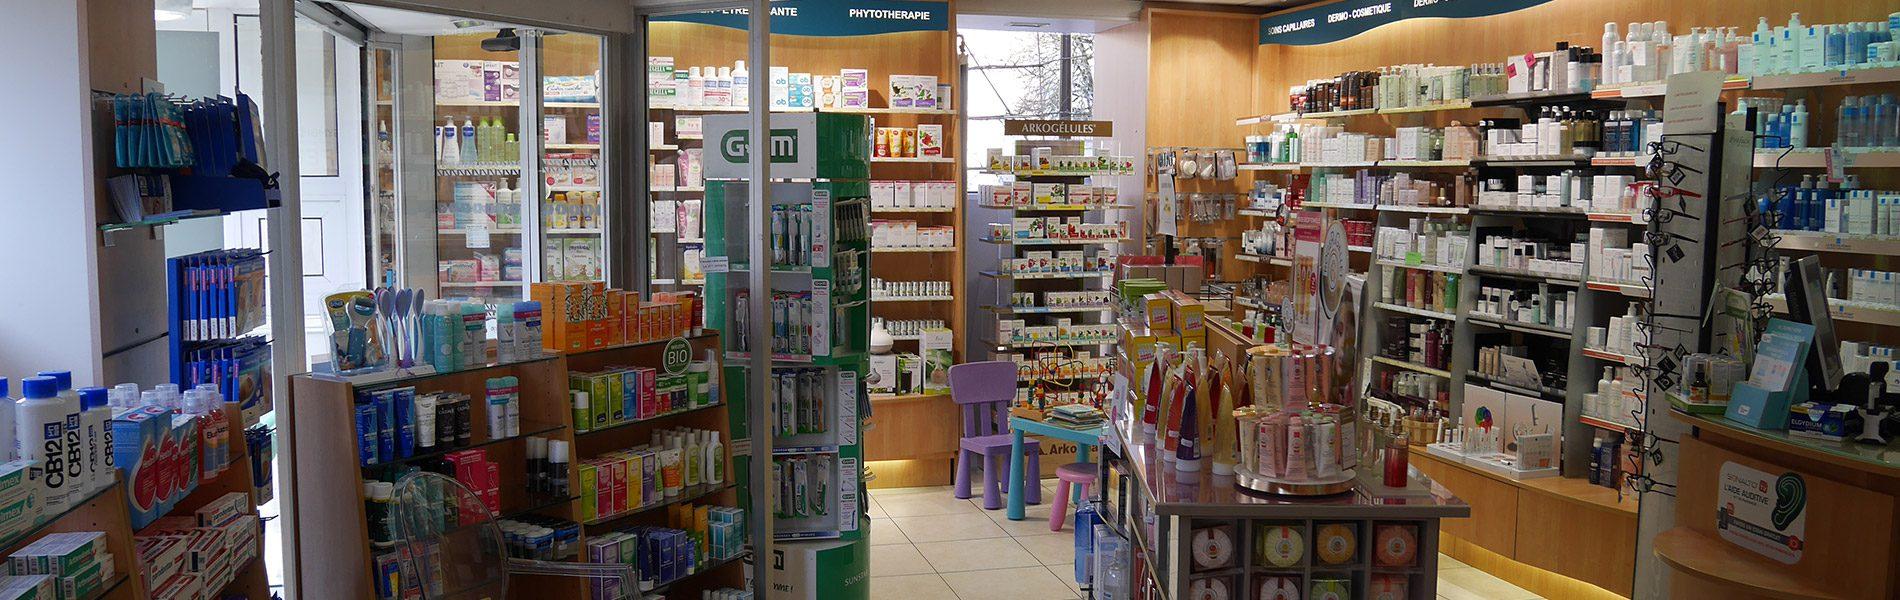 Pharmacie DU LAVOIR - Image Homepage 3